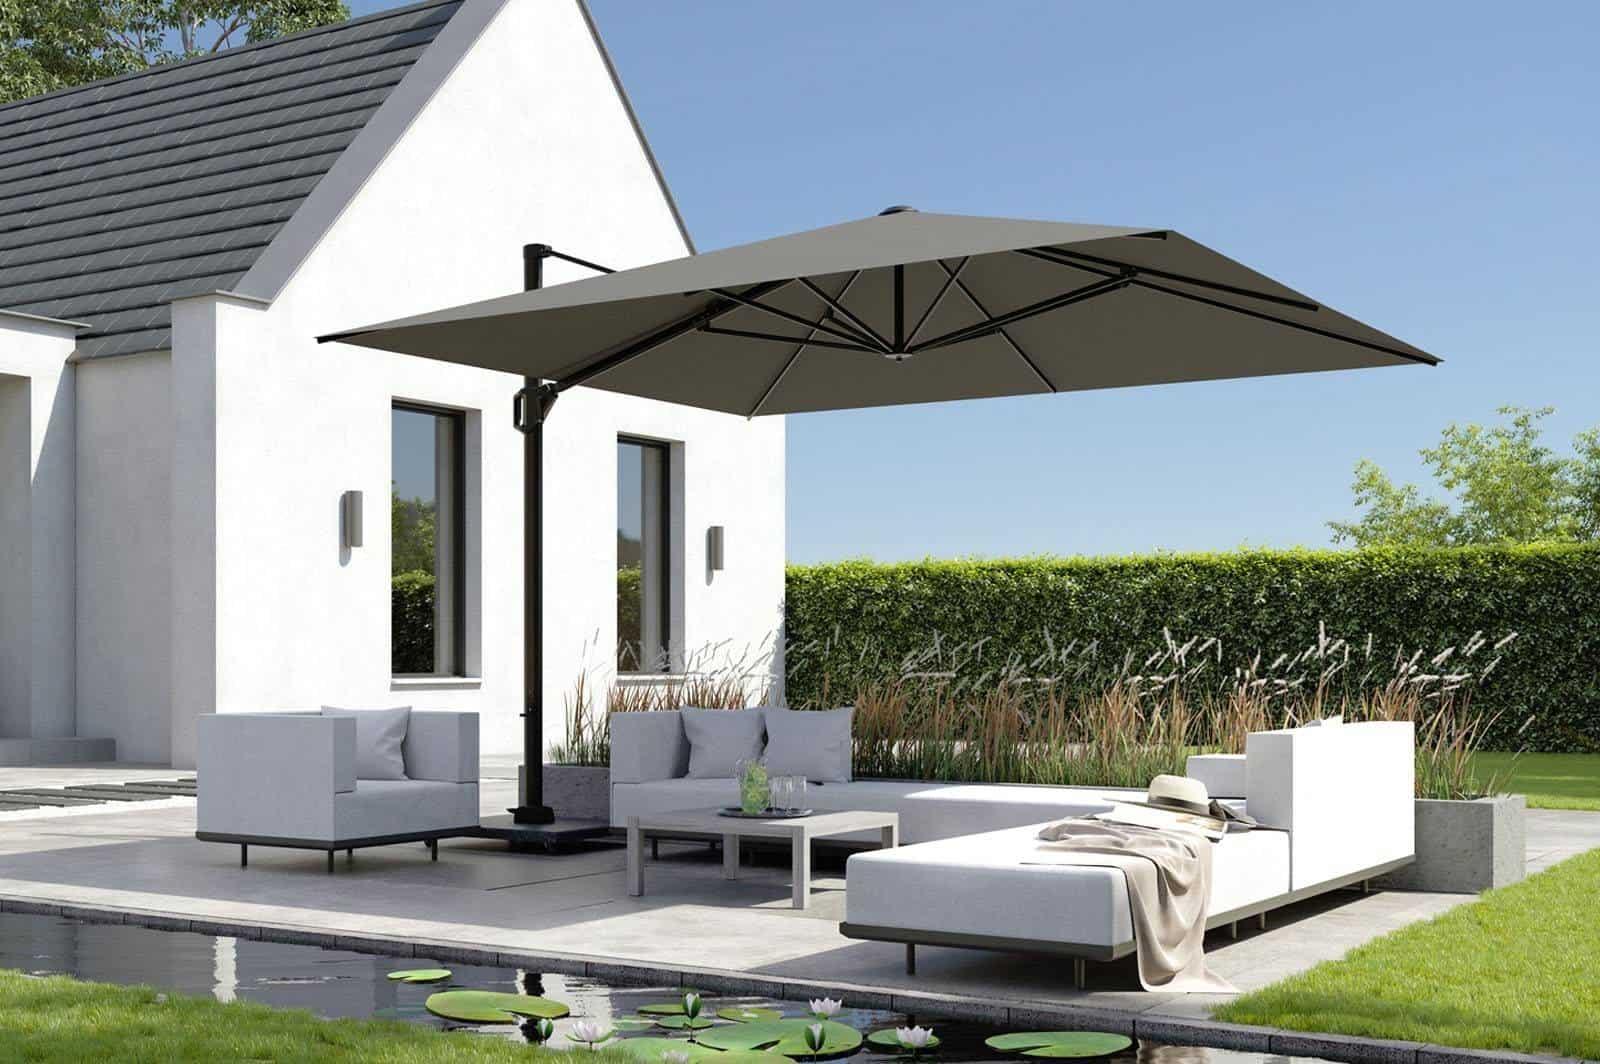 nowoczesny ogród: parasole CHALLENGER